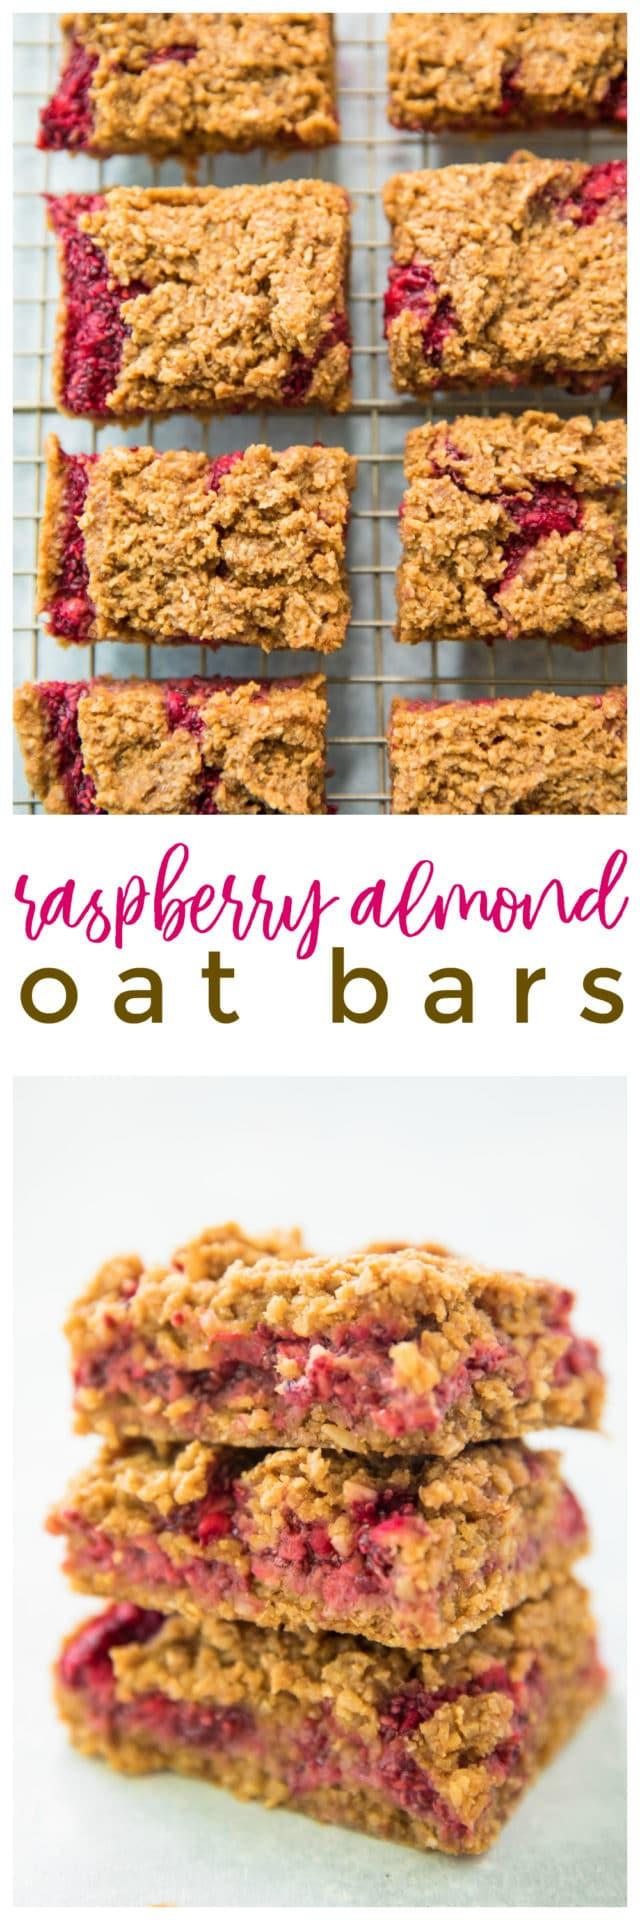 Pinterest image of Raspberry Almond Oat Bars